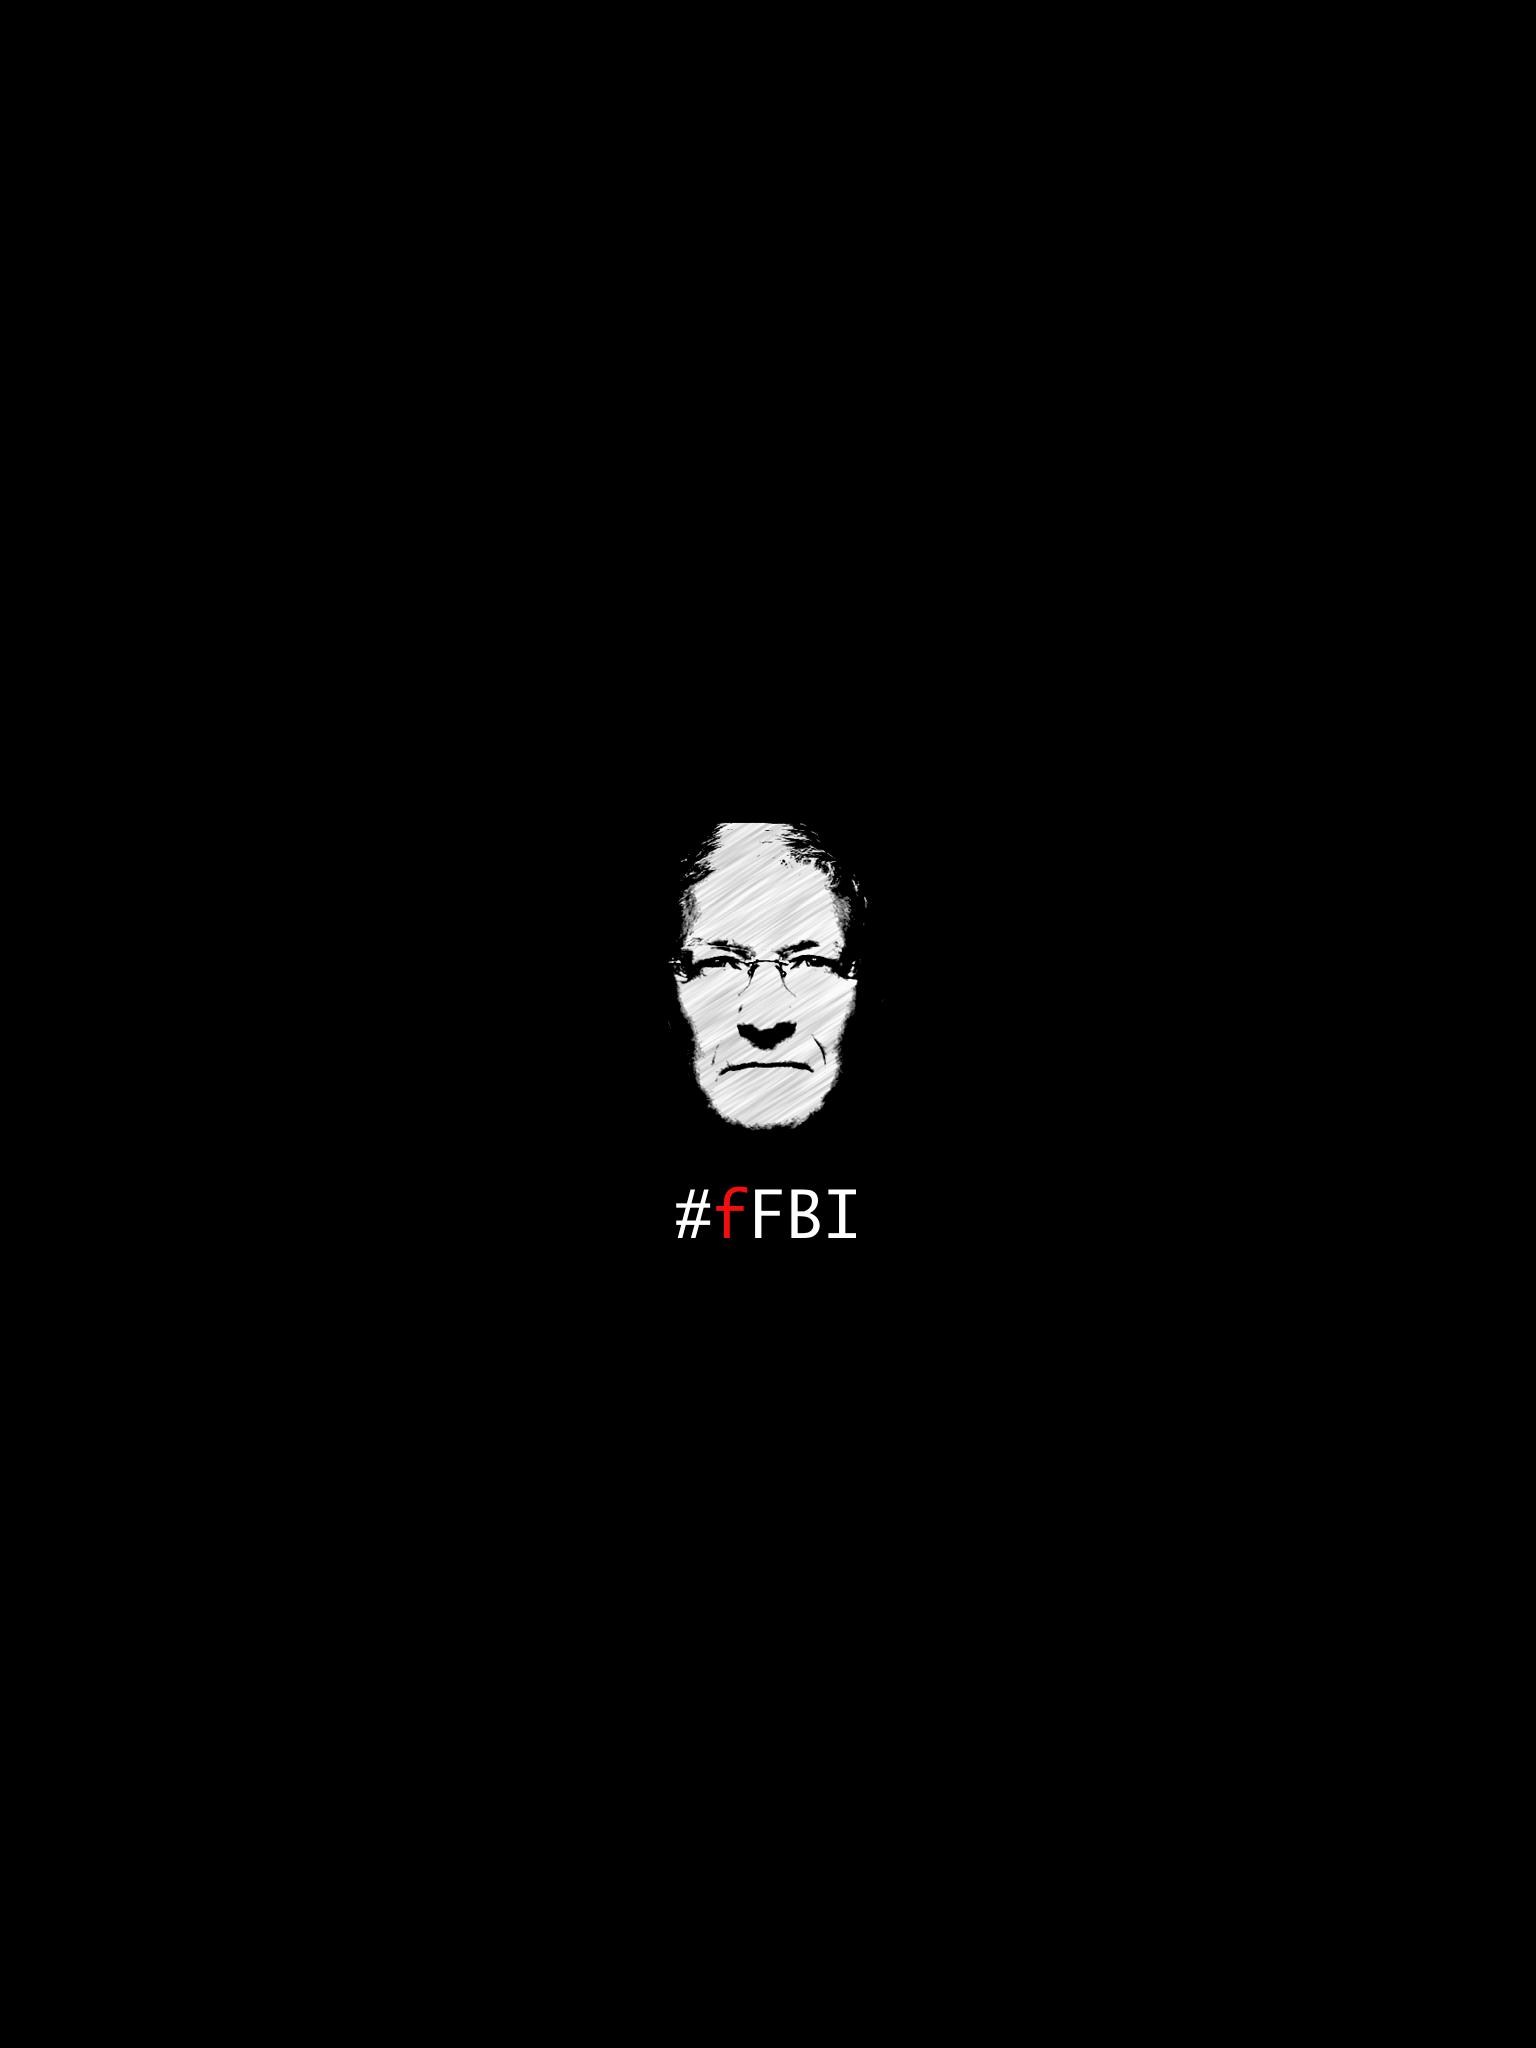 F FBI Apple iPad wallpaper 1